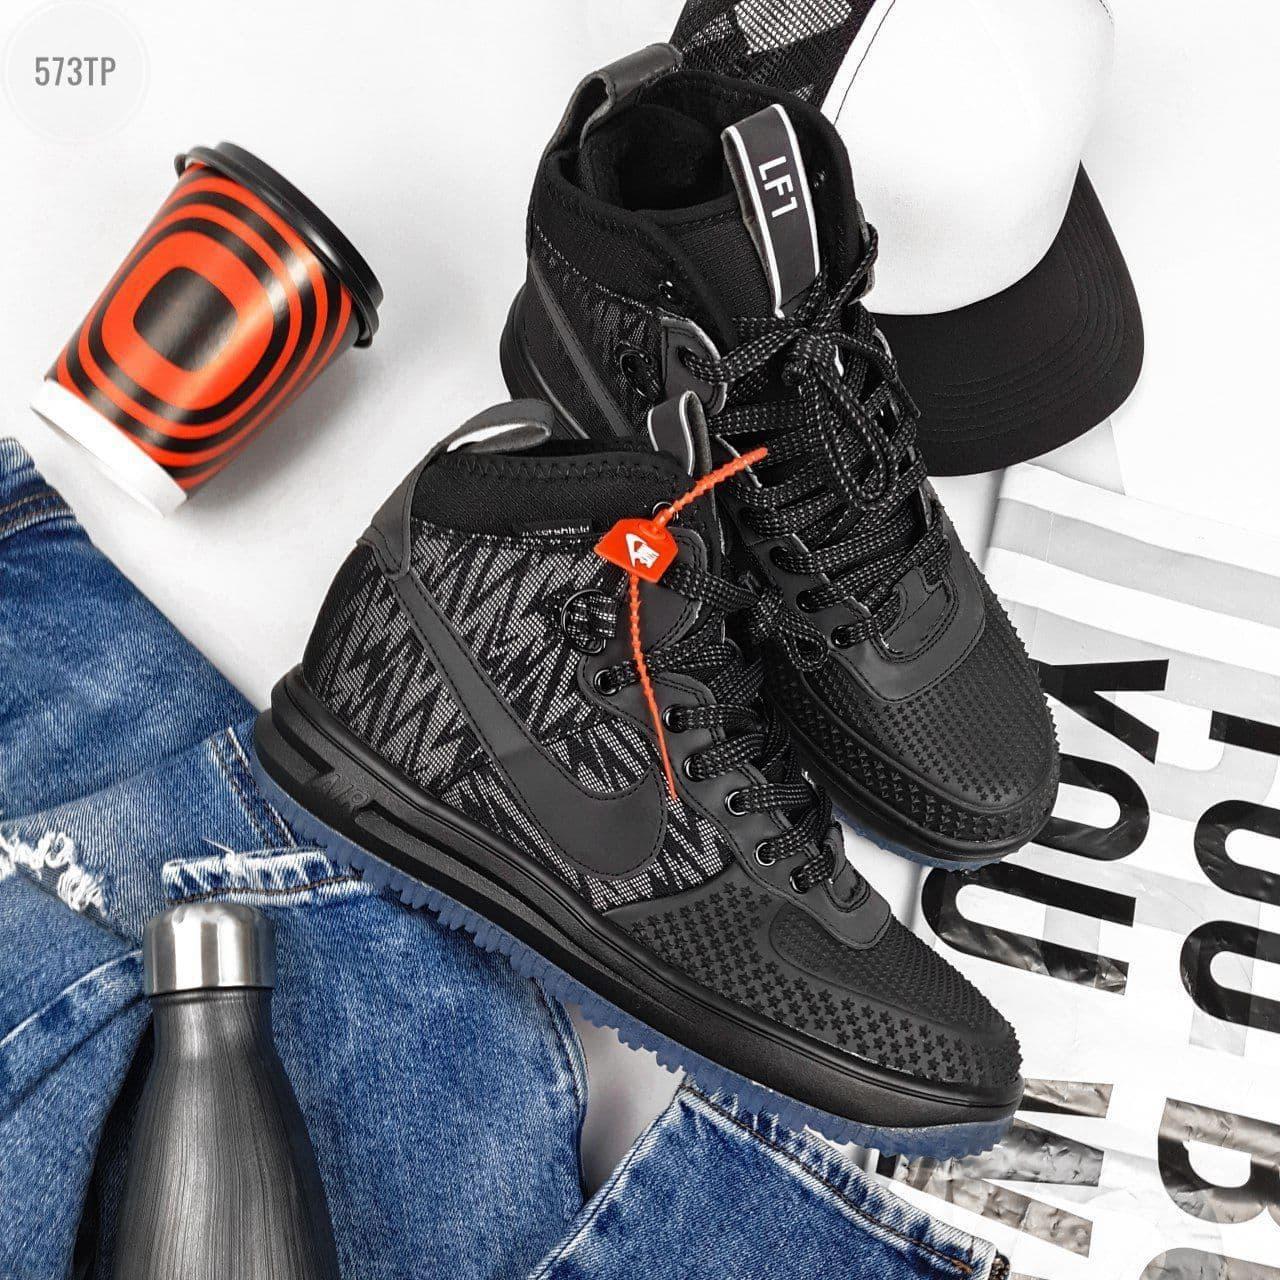 Мужские кроссовки Nike Lunar Force Duckboot Рефлективные (черные) 573TP